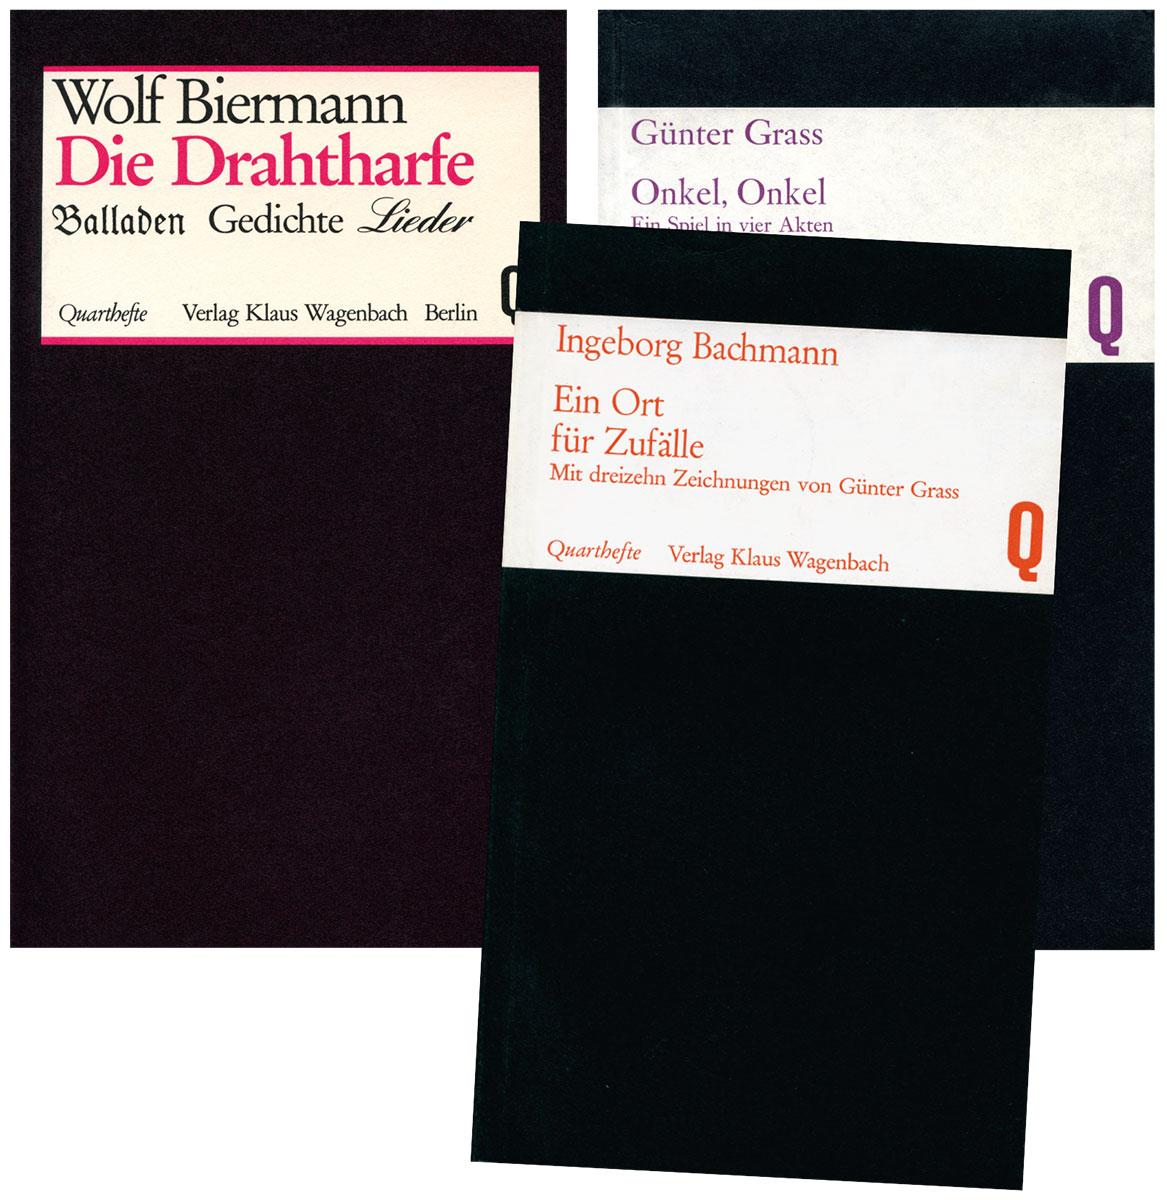 Wagenbachs Quarthefte, die erste Publikationsreihe des Verlages Klaus Wagenbach © Verlag Klaus Wagenbach